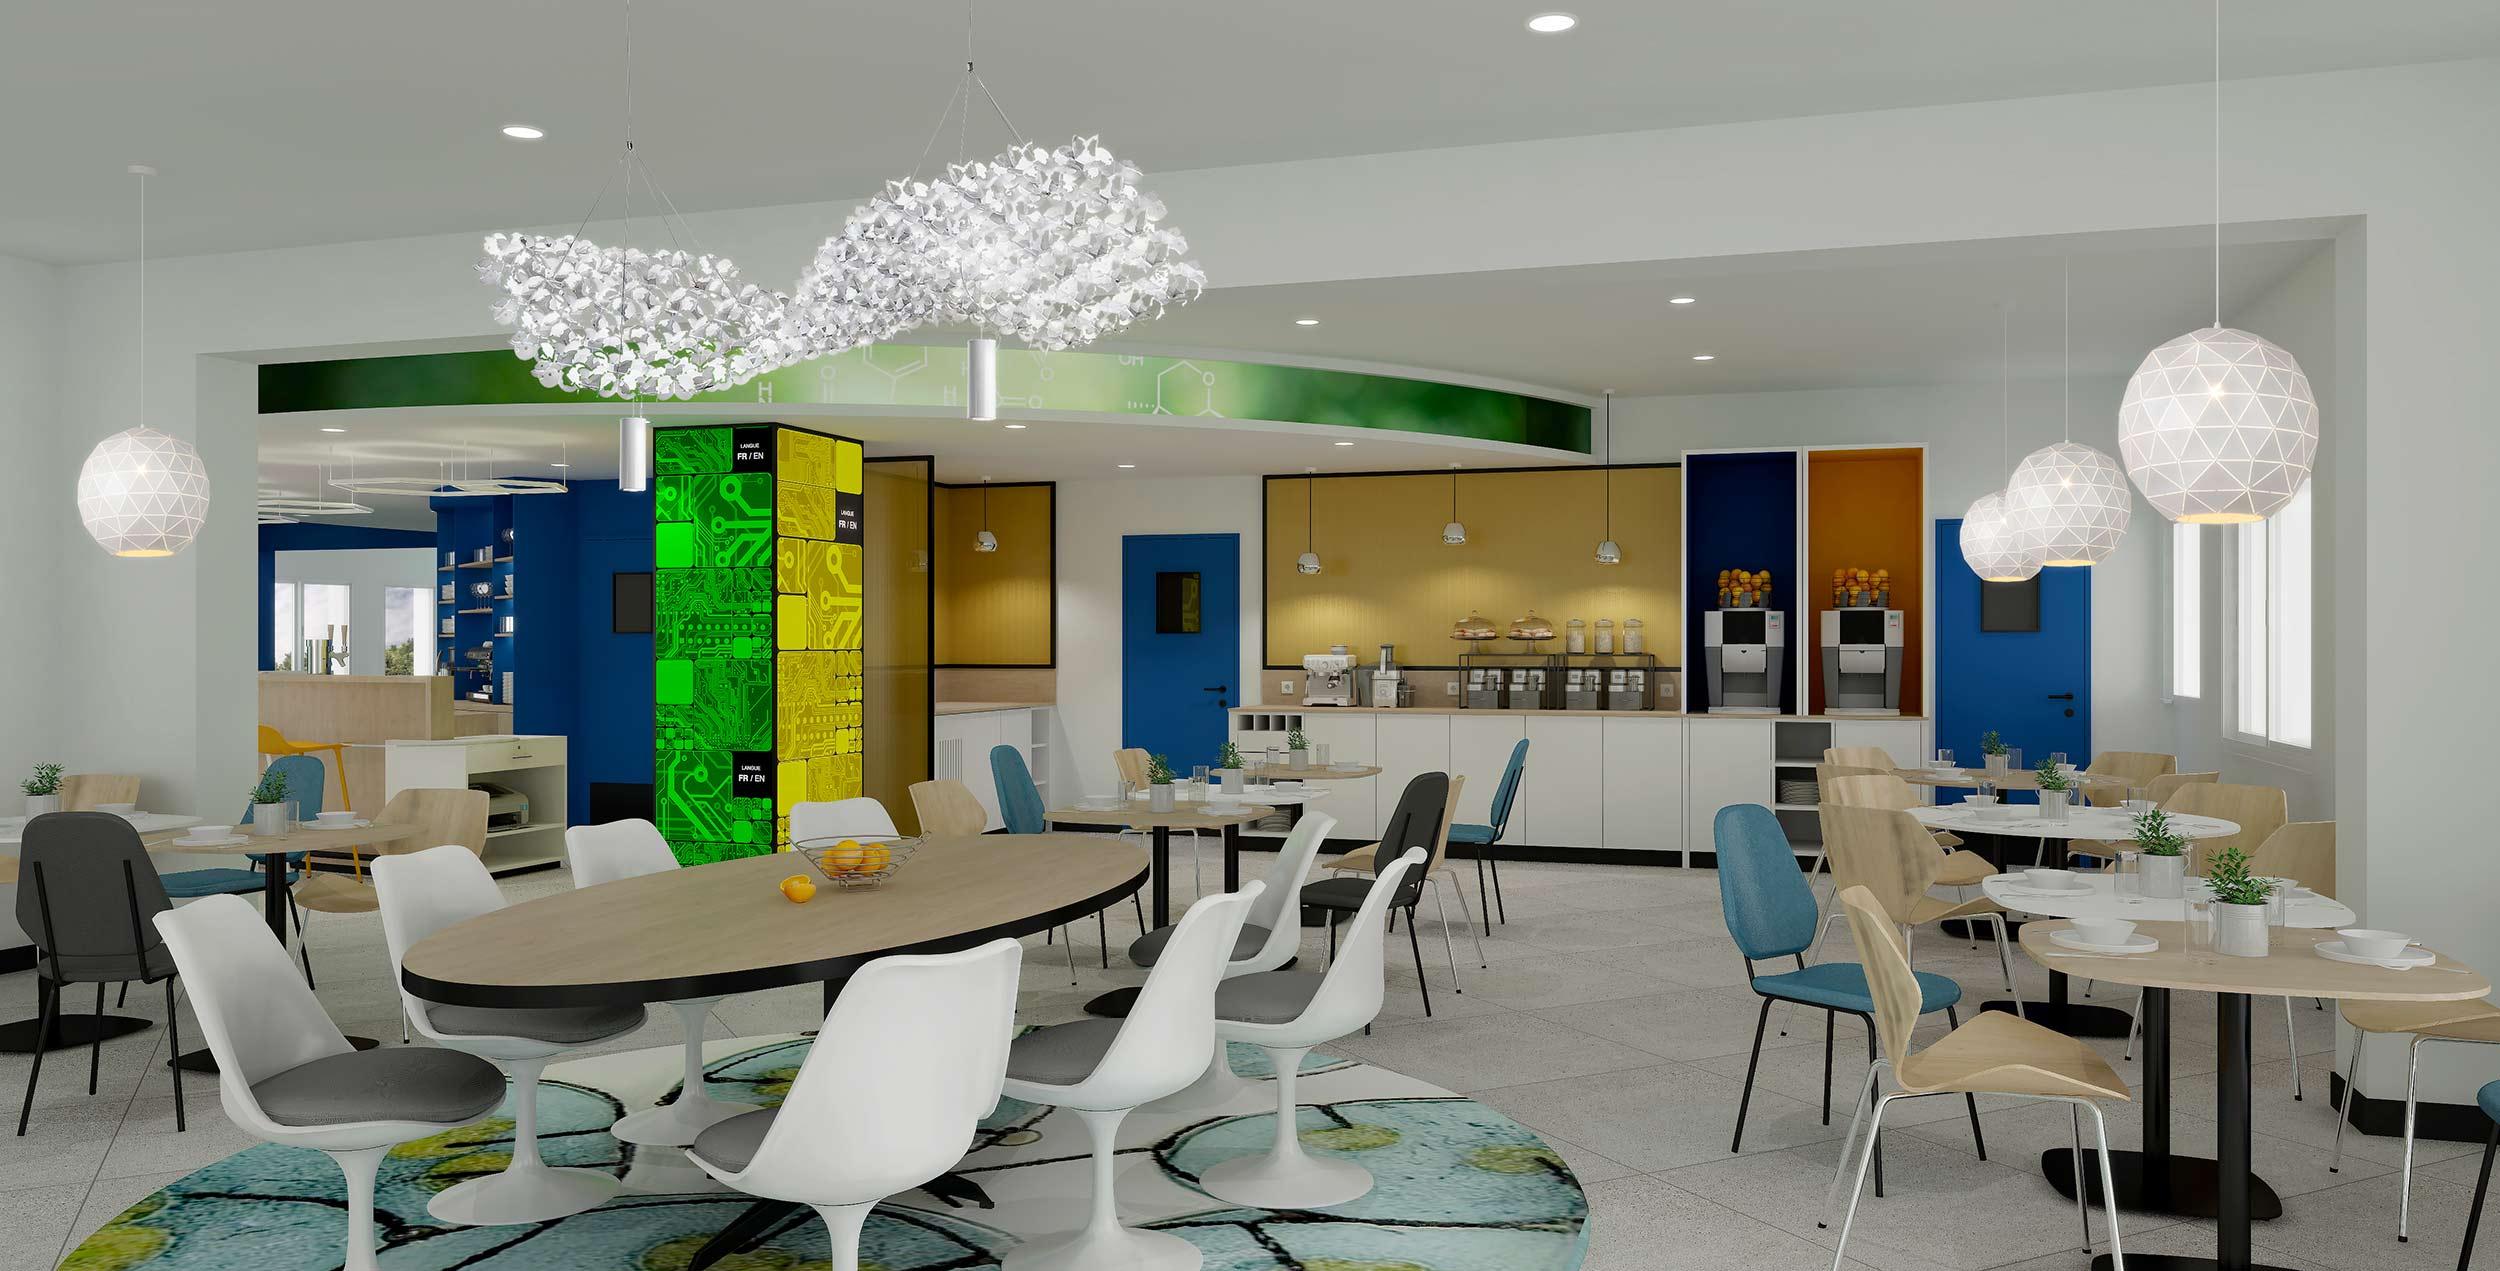 Perspective de l'espace petit déjeuner de l'hôtel Ibis Styles de Fougères